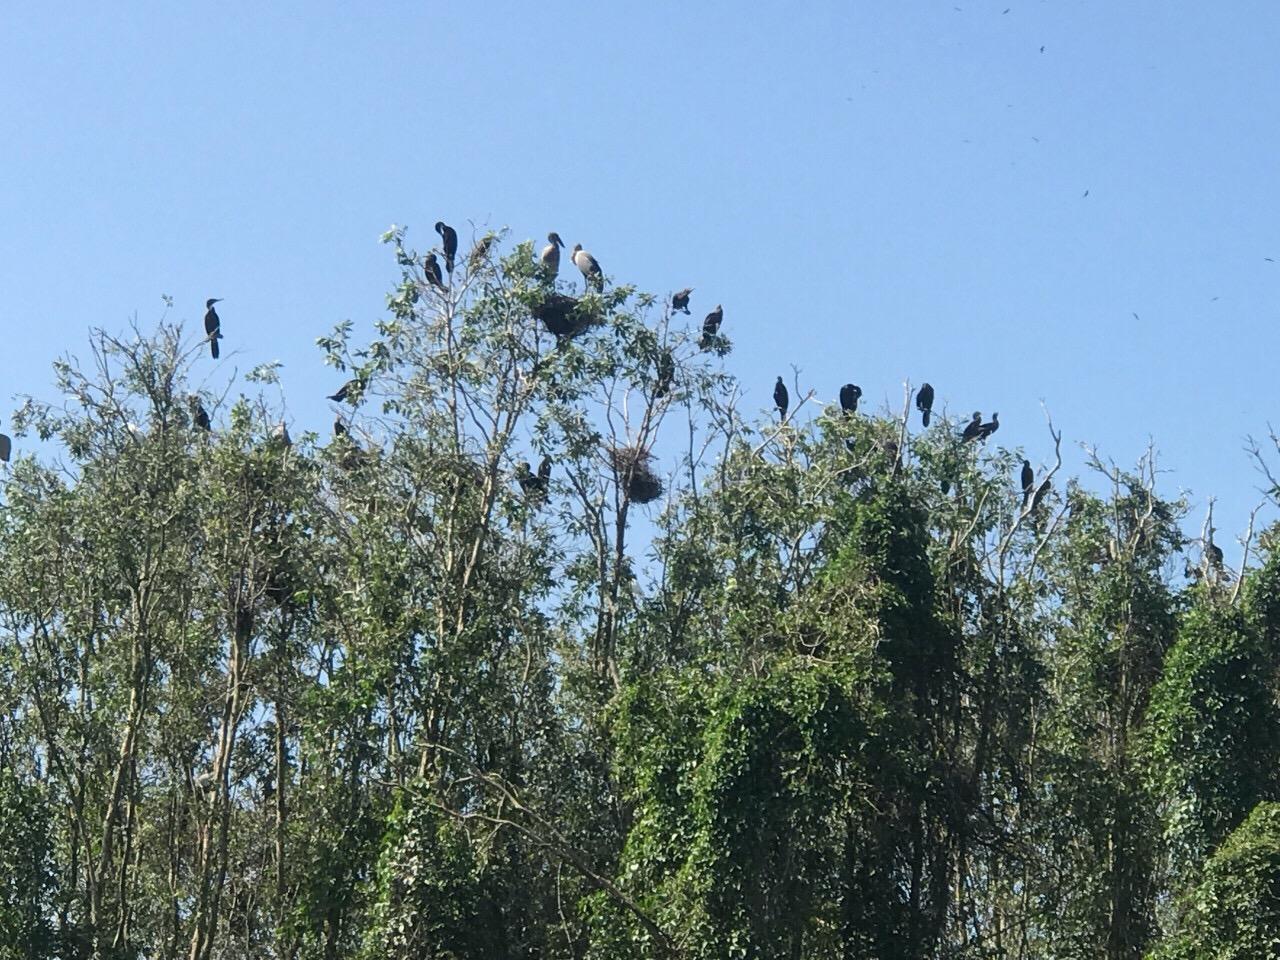 Ngắm chim Gáo Giồng - Tour du lịch miền tây 3 ngày 2 đêm